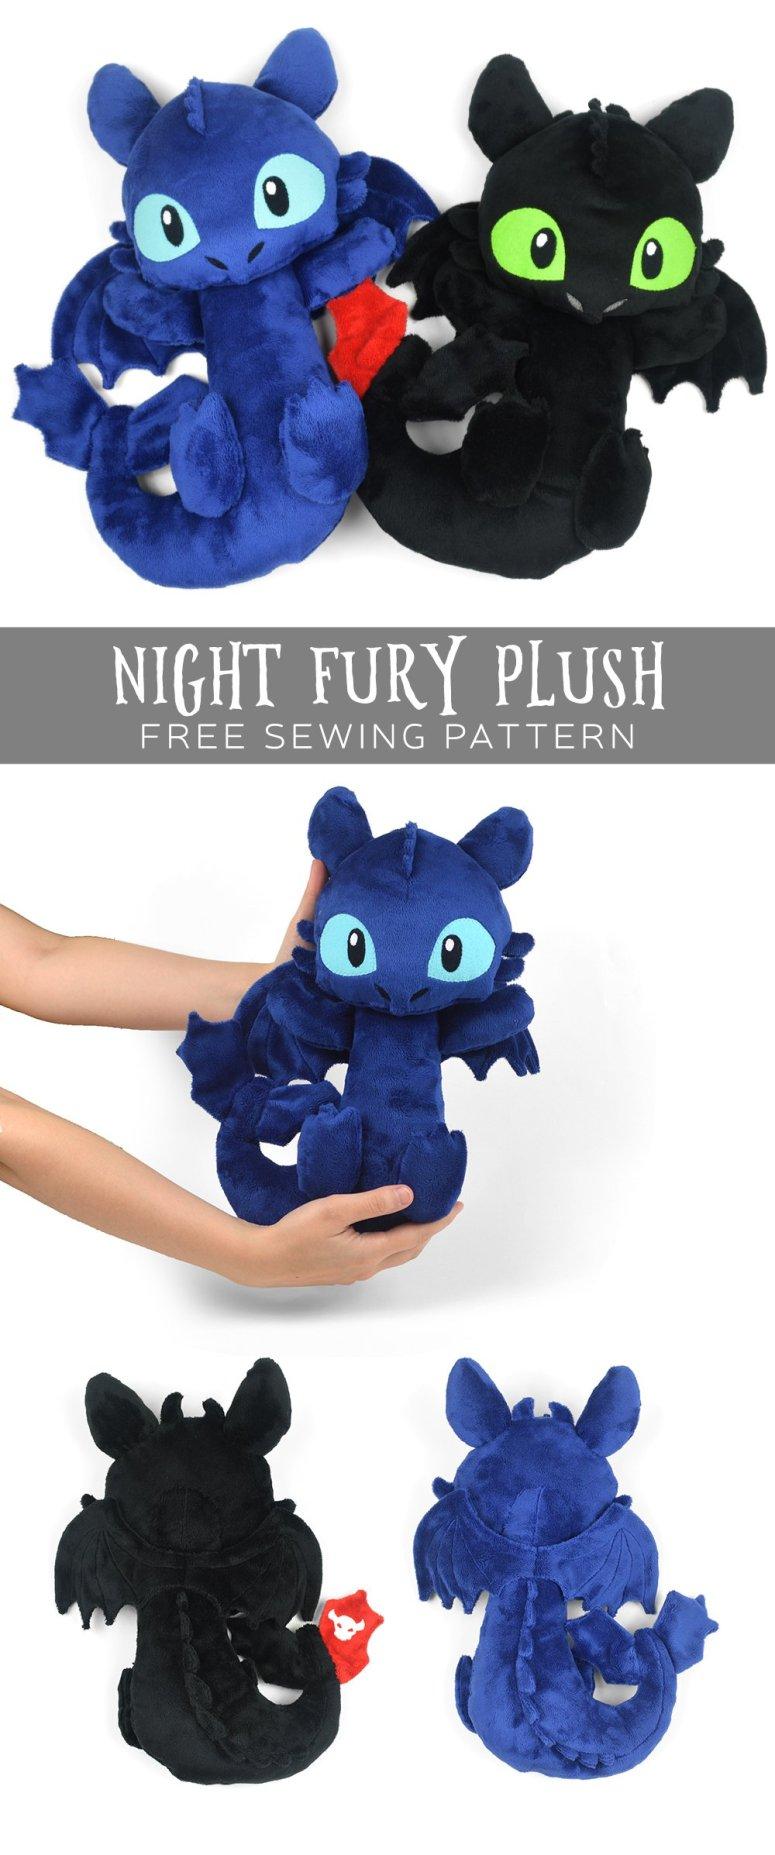 nightfuryplush1817933455752185387.jpg